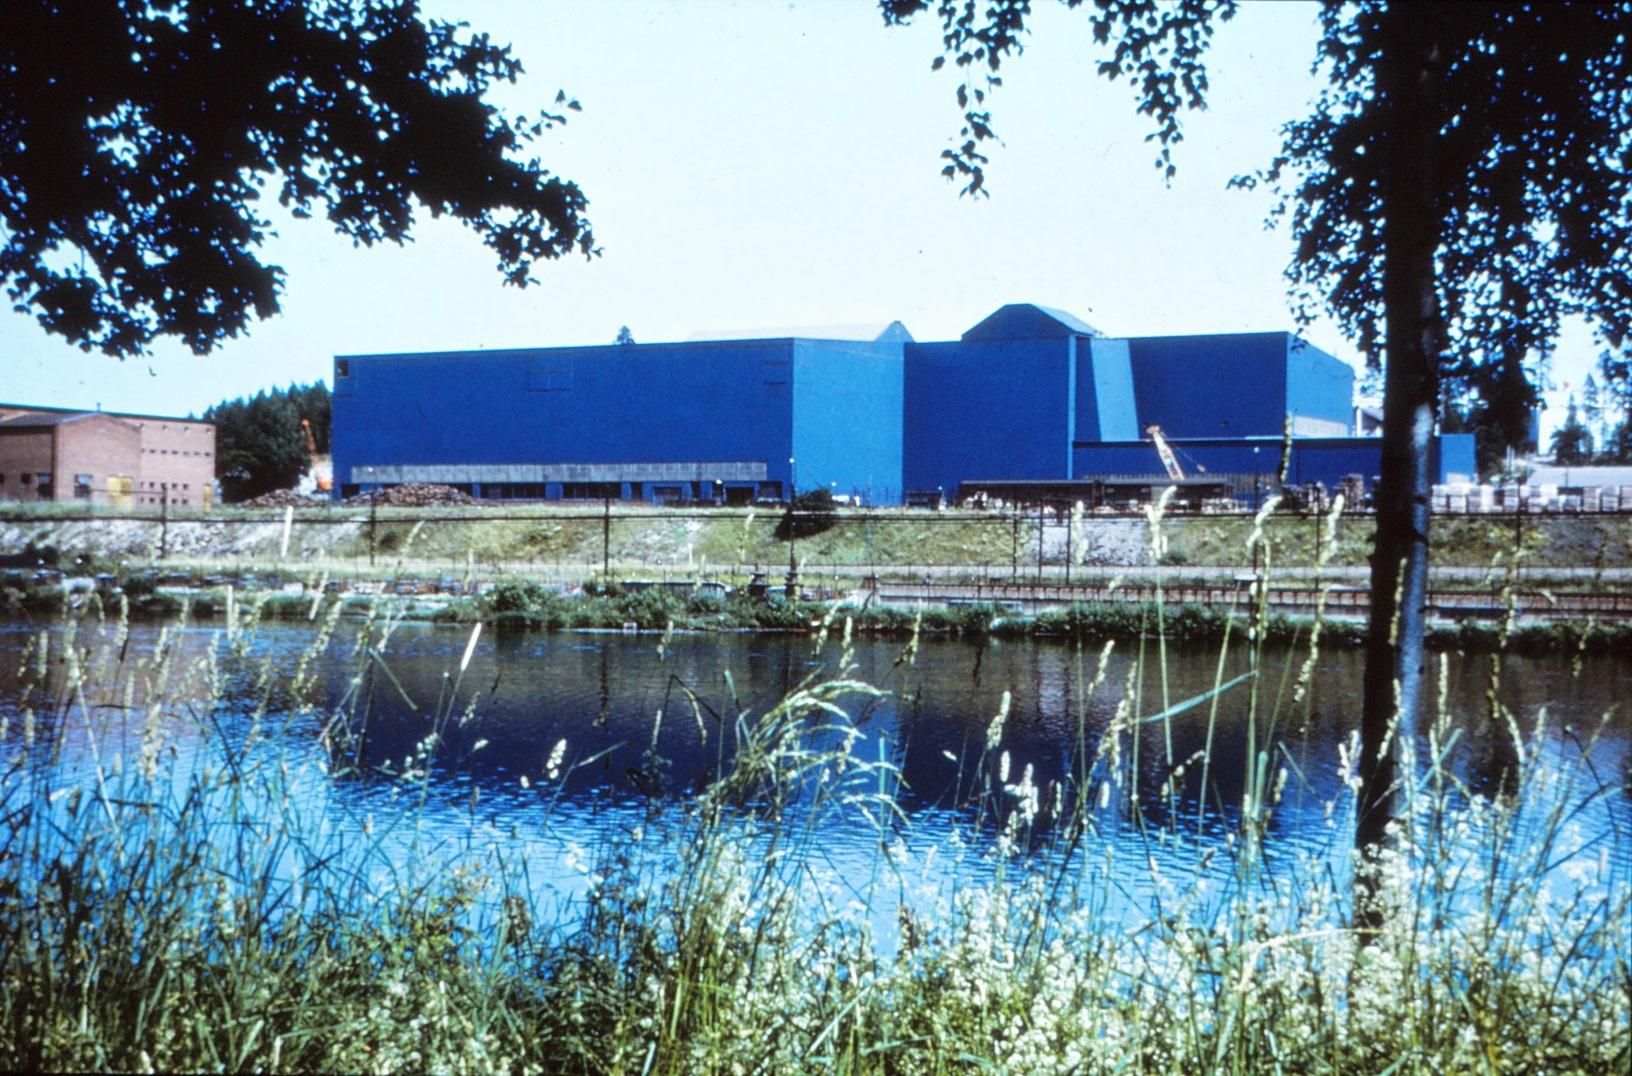 Stålverk 2 från Andra sidan, foto Åke Fridfeldt